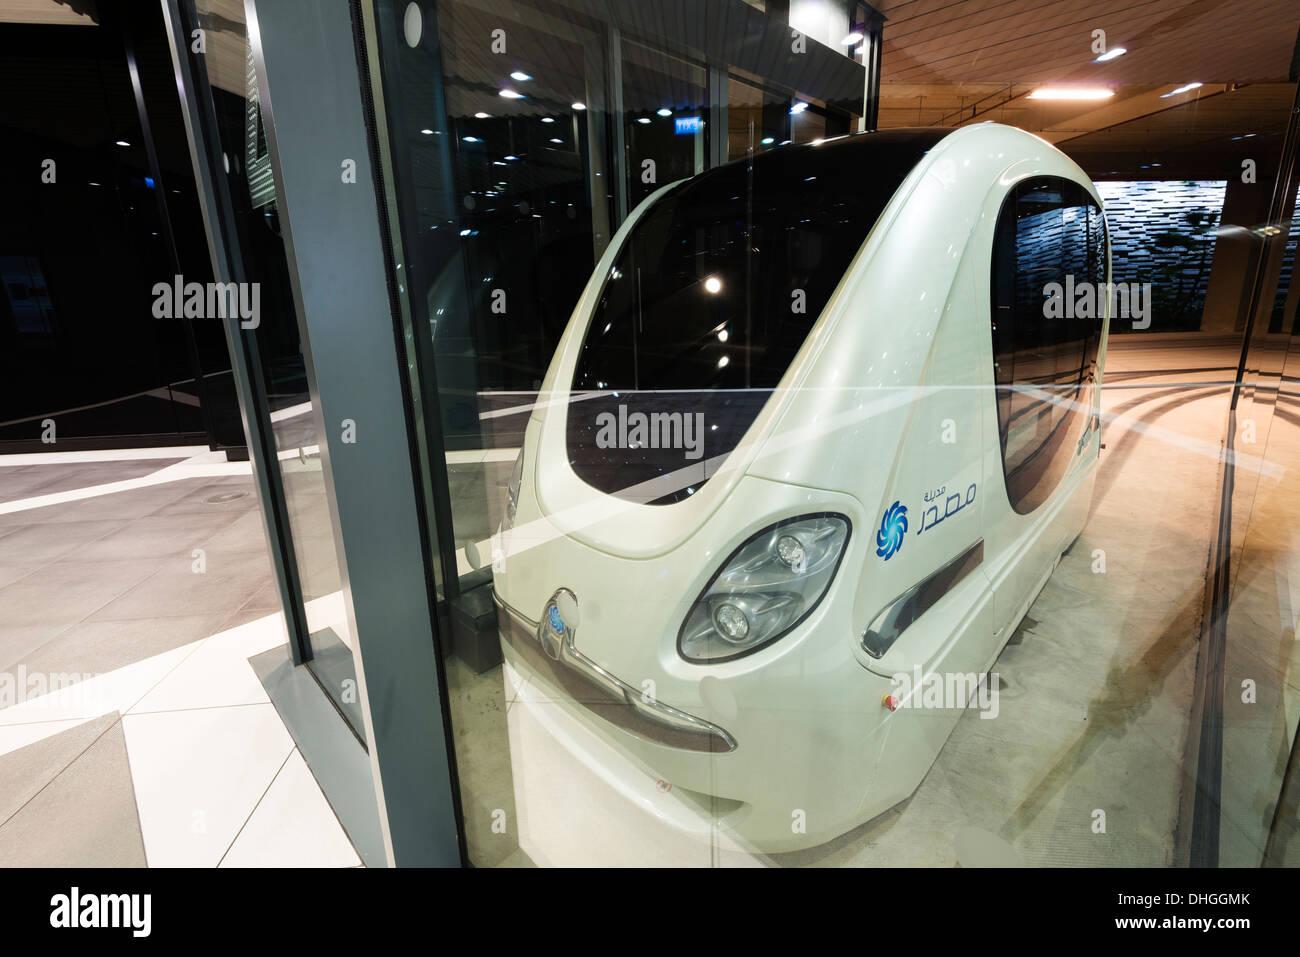 Fahrerlose Autos der PRT persönliche schnelle Transport-Pod am technischen Institut Masdar City in Abu Dhabi Vereinigte Arabische Emirate Stockbild